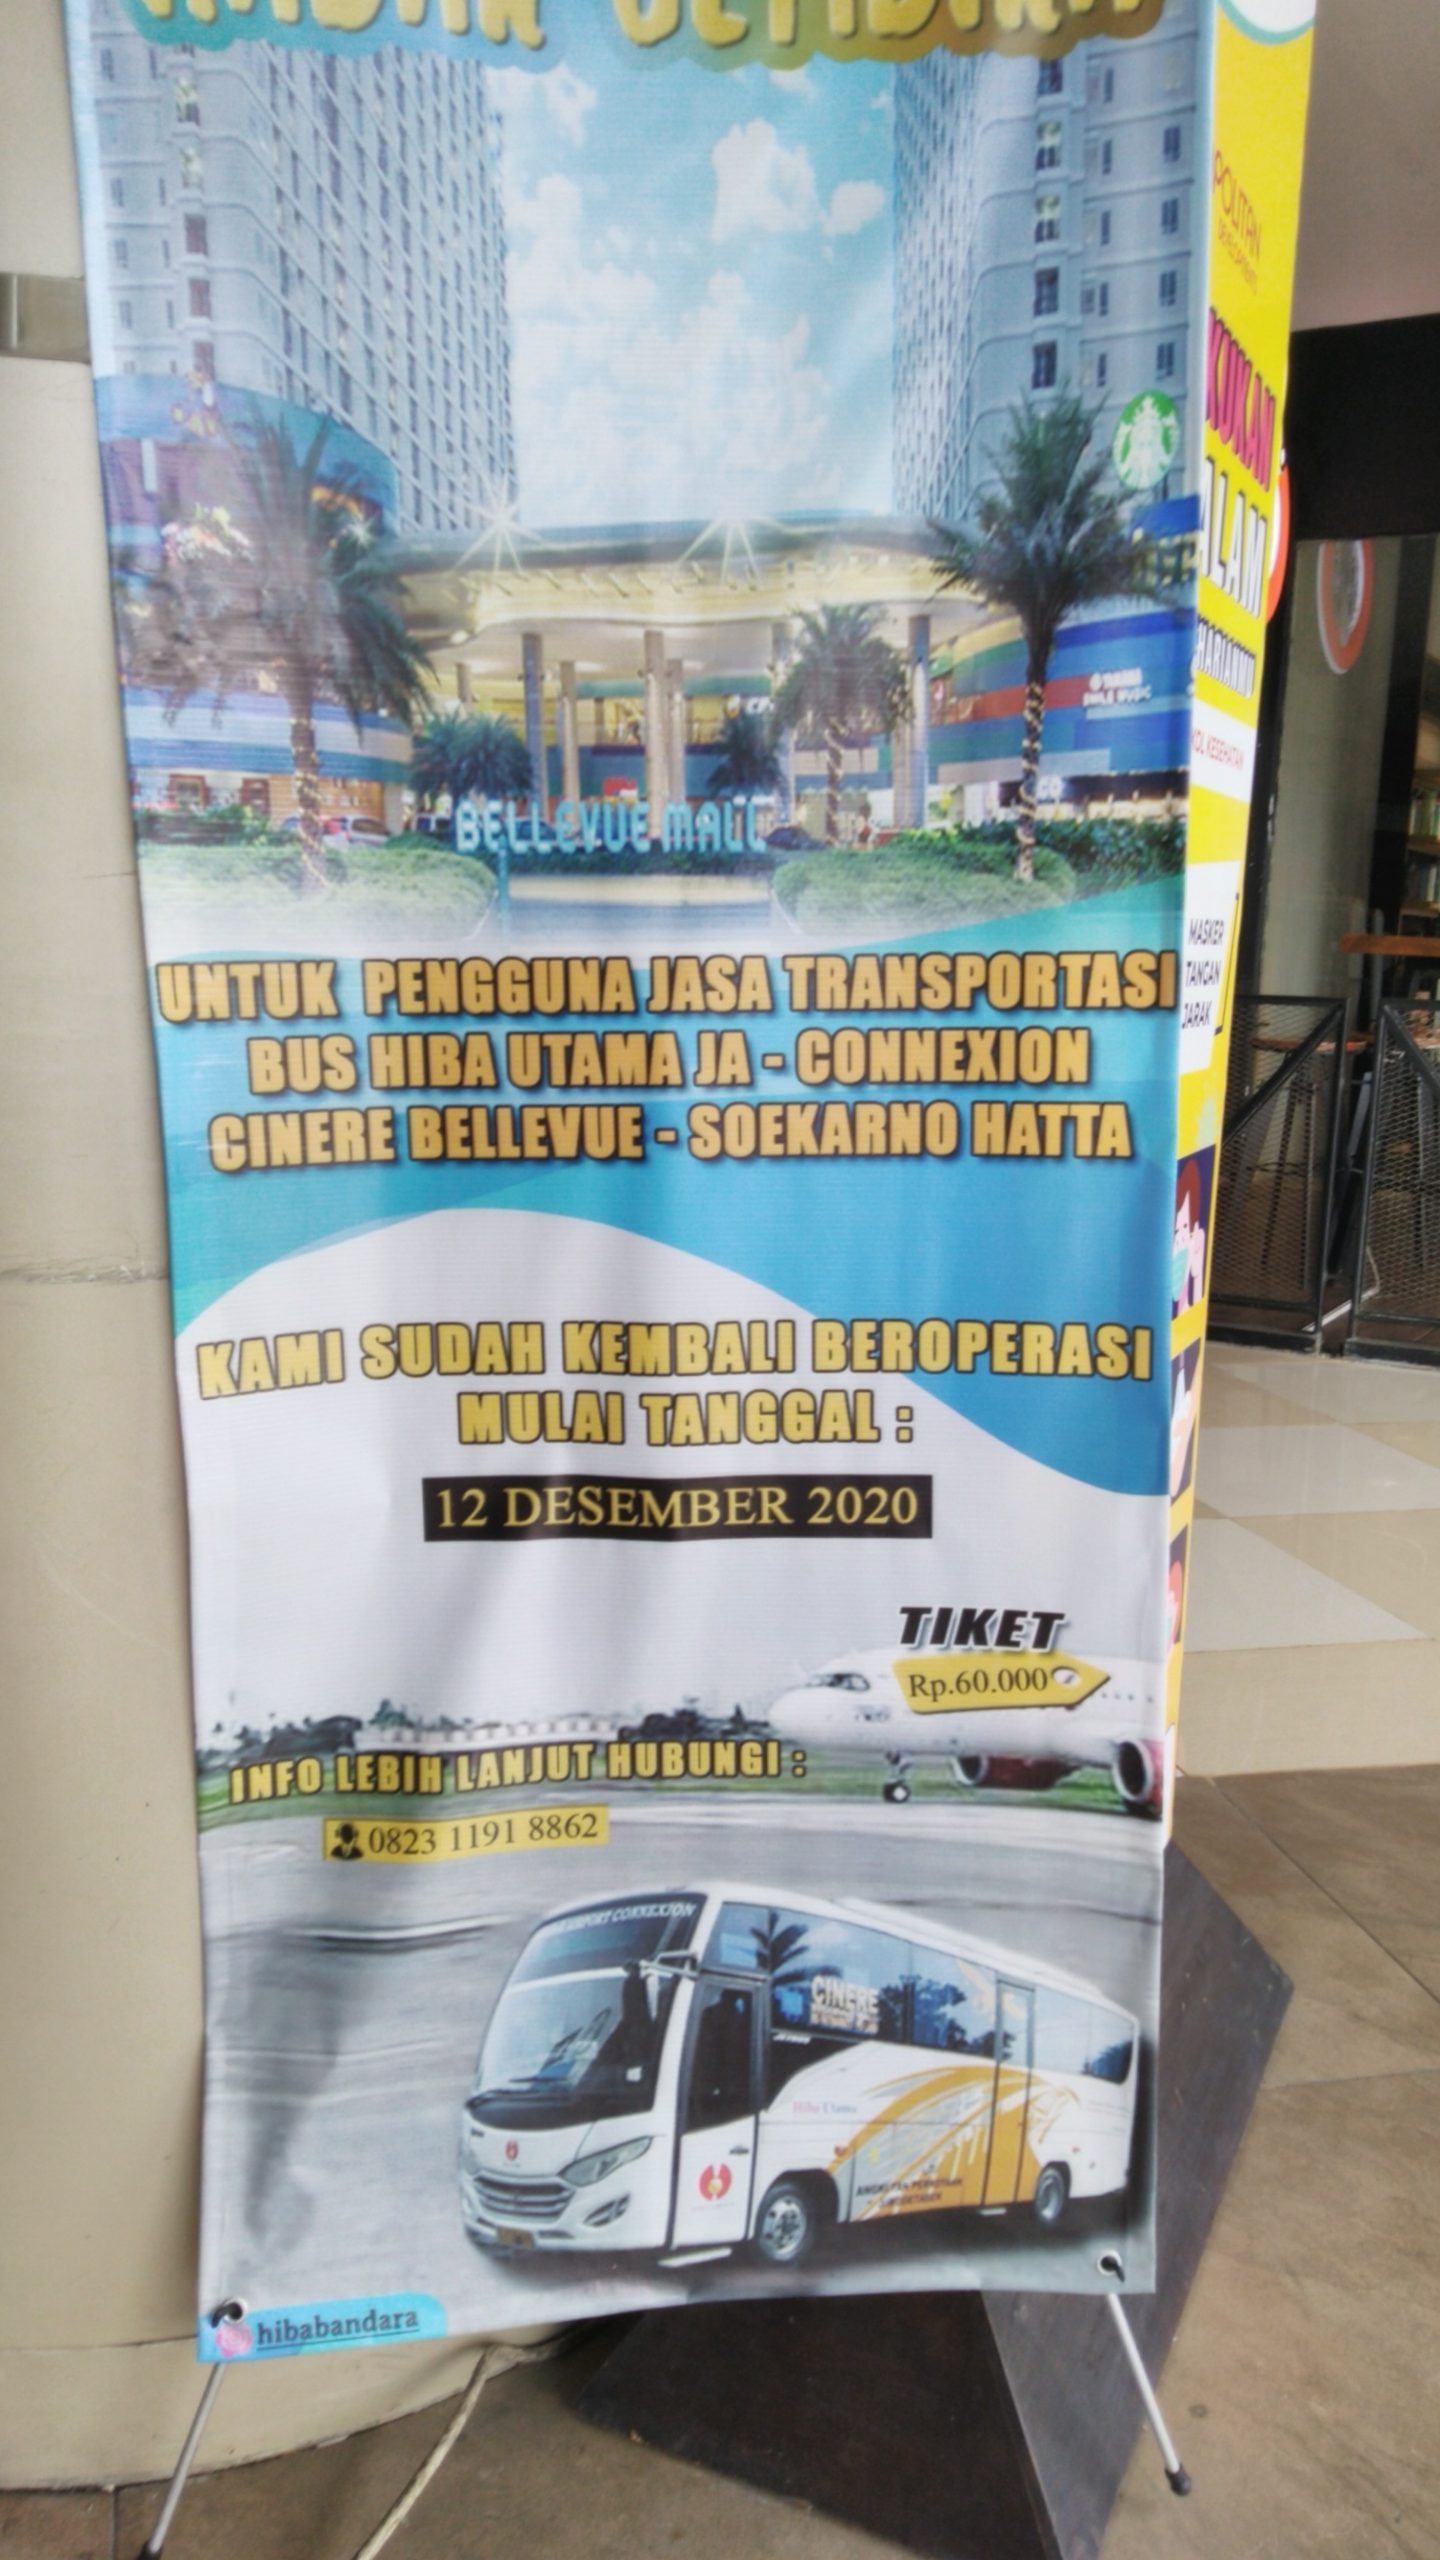 Damri Cinere ke Bandara Kembali beroperasi Terbatas